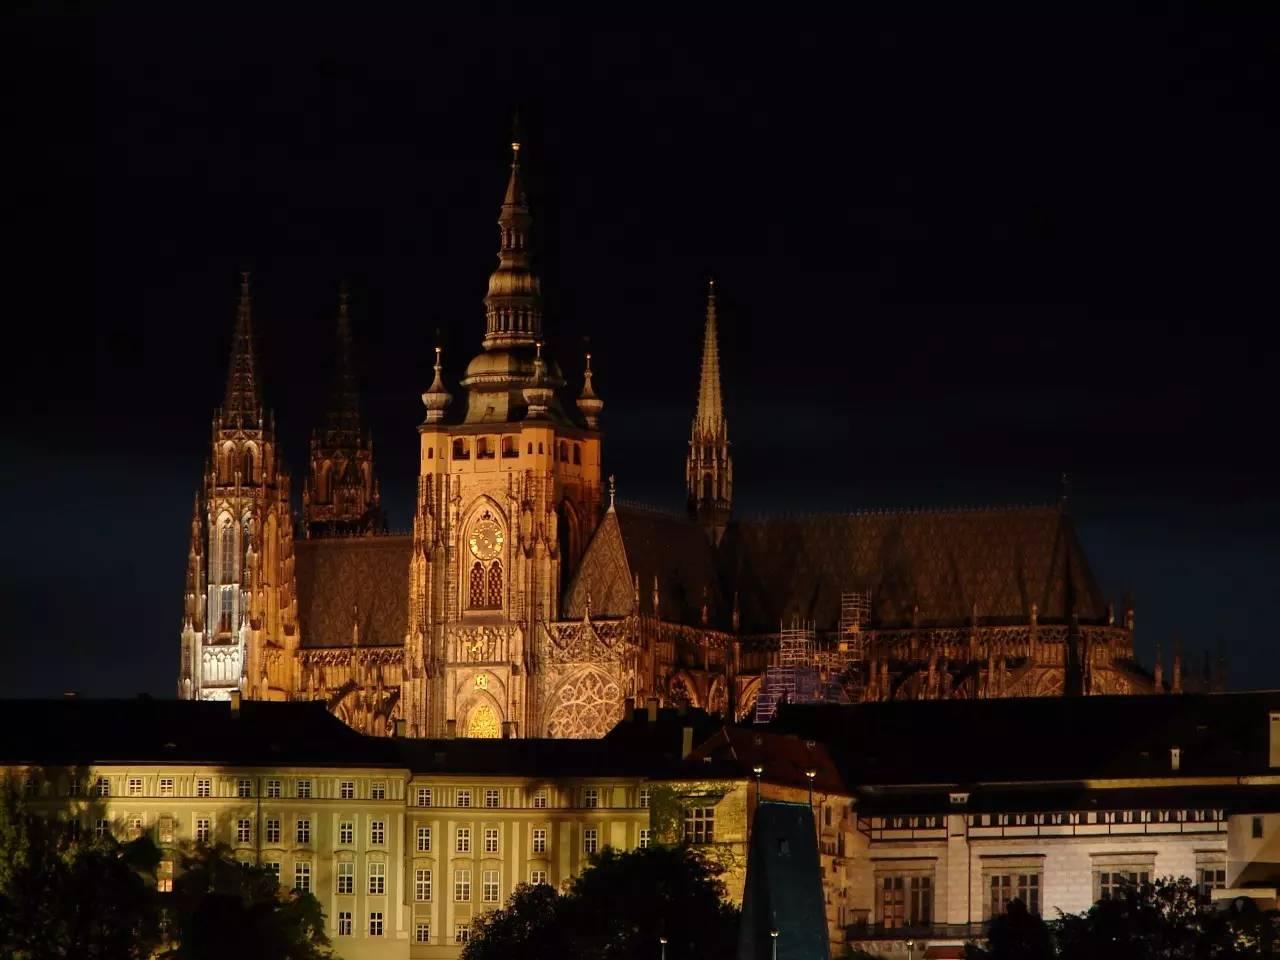 这些城堡可能比童话里写的还要好看 | 世界旅行清单